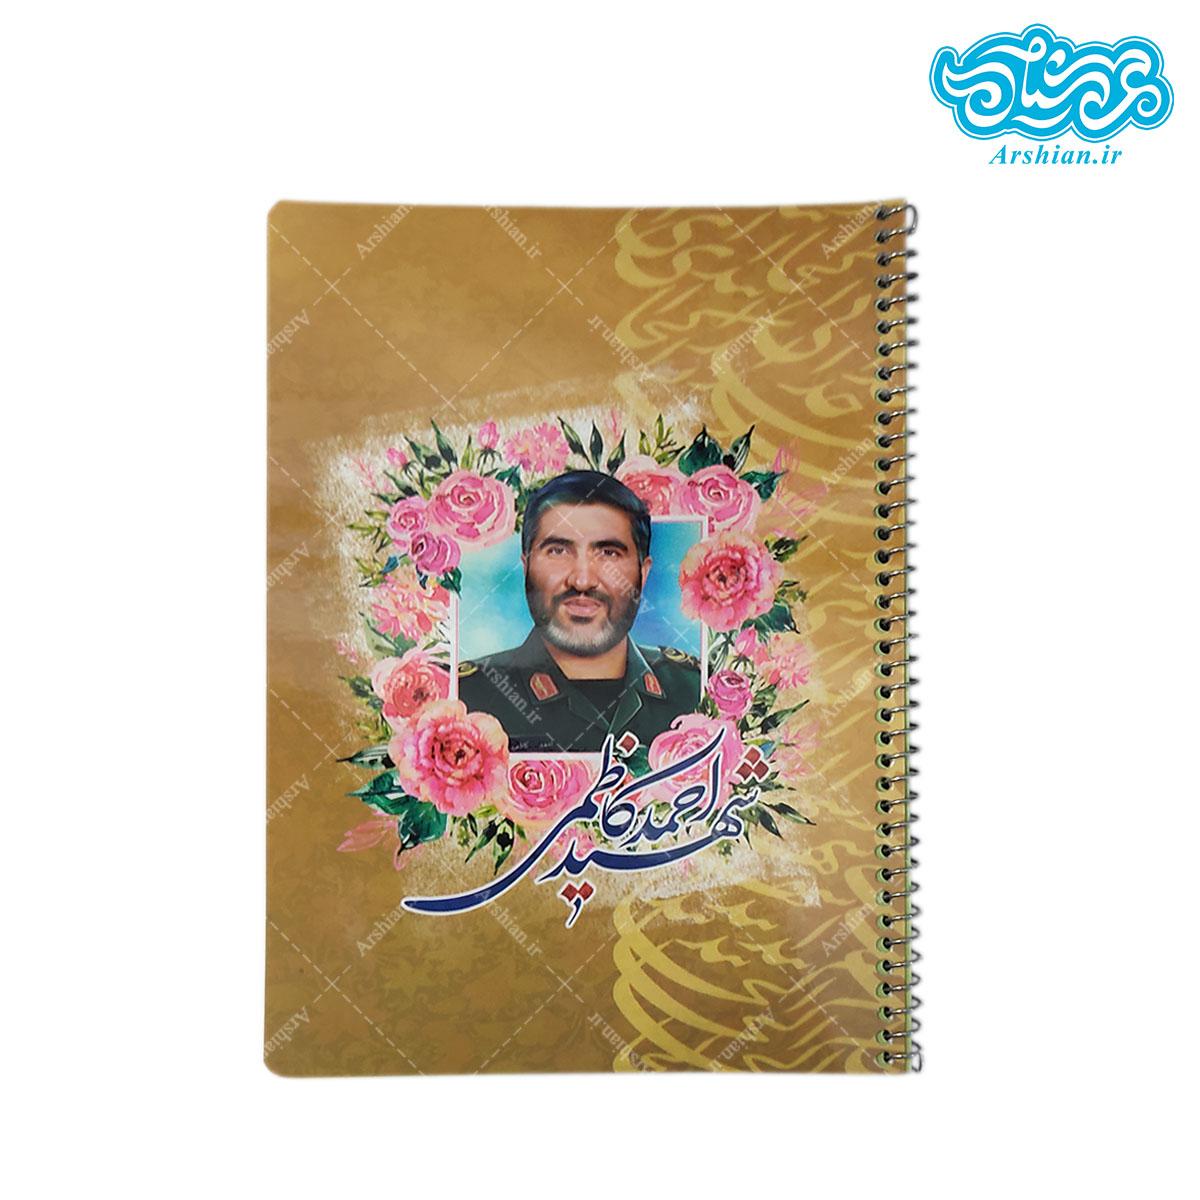 دفتر 50 برگ طرح شهید احمدکاظمی کد014